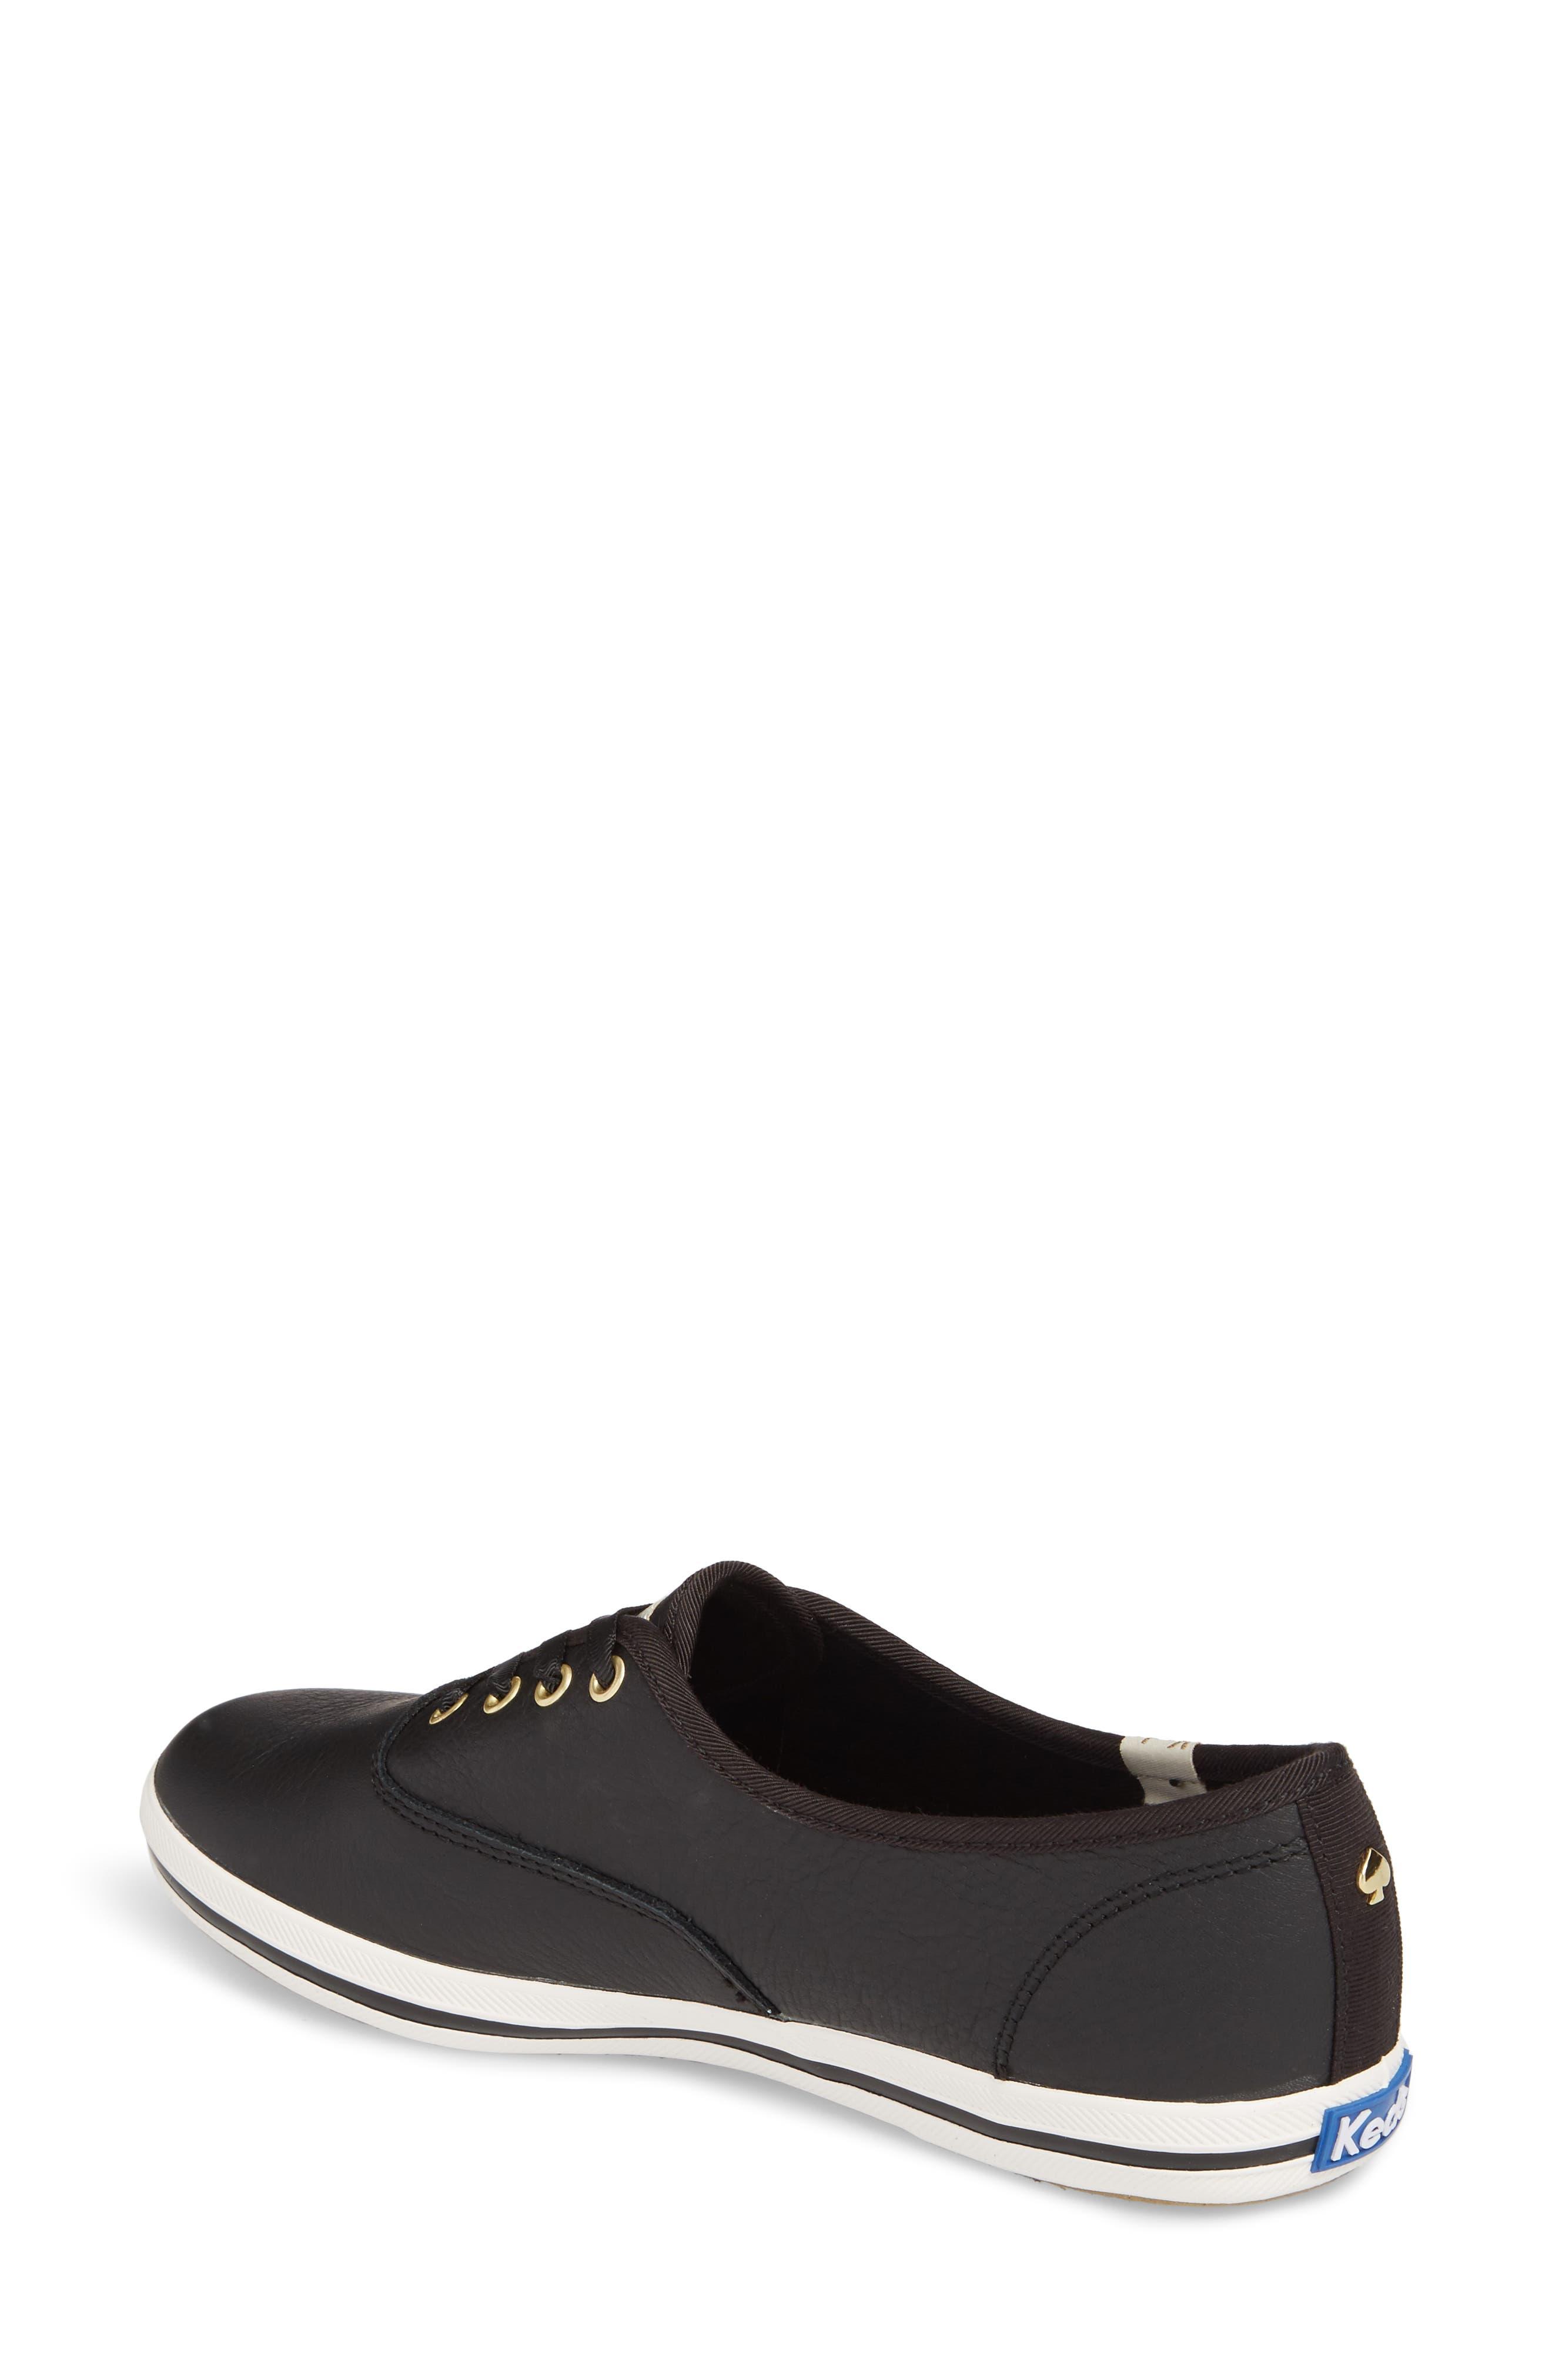 Alternate Image 2  - Keds® for kate spade new york leather sneaker (Women)